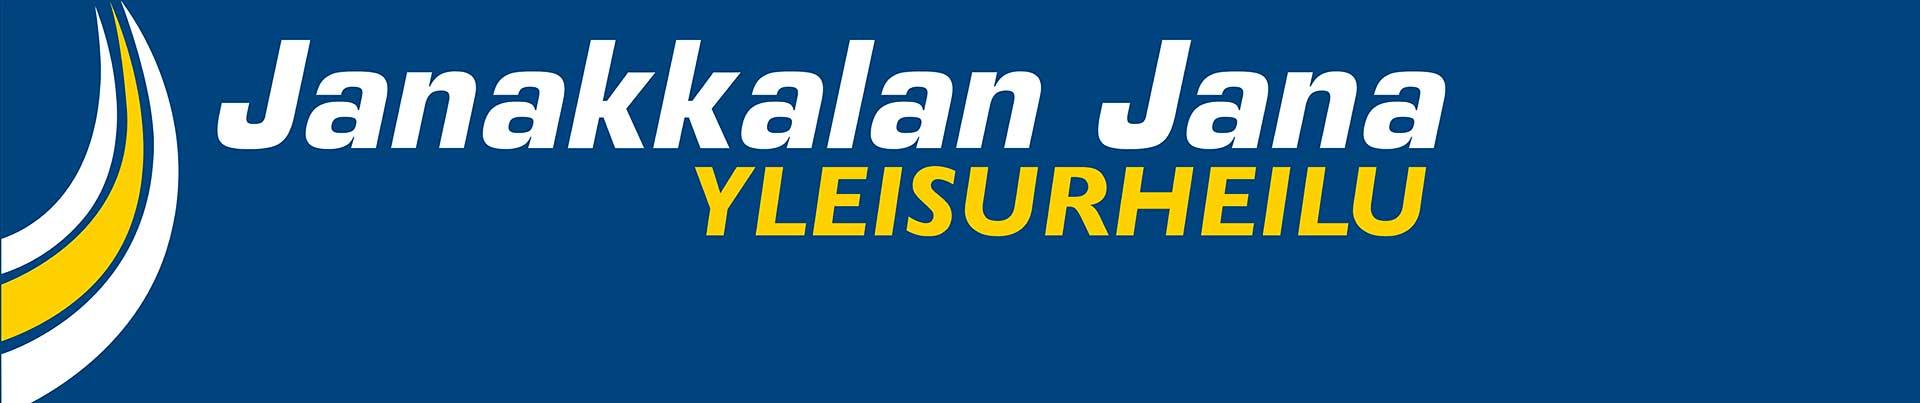 Janakkalan Jana ry Yleisurheilu